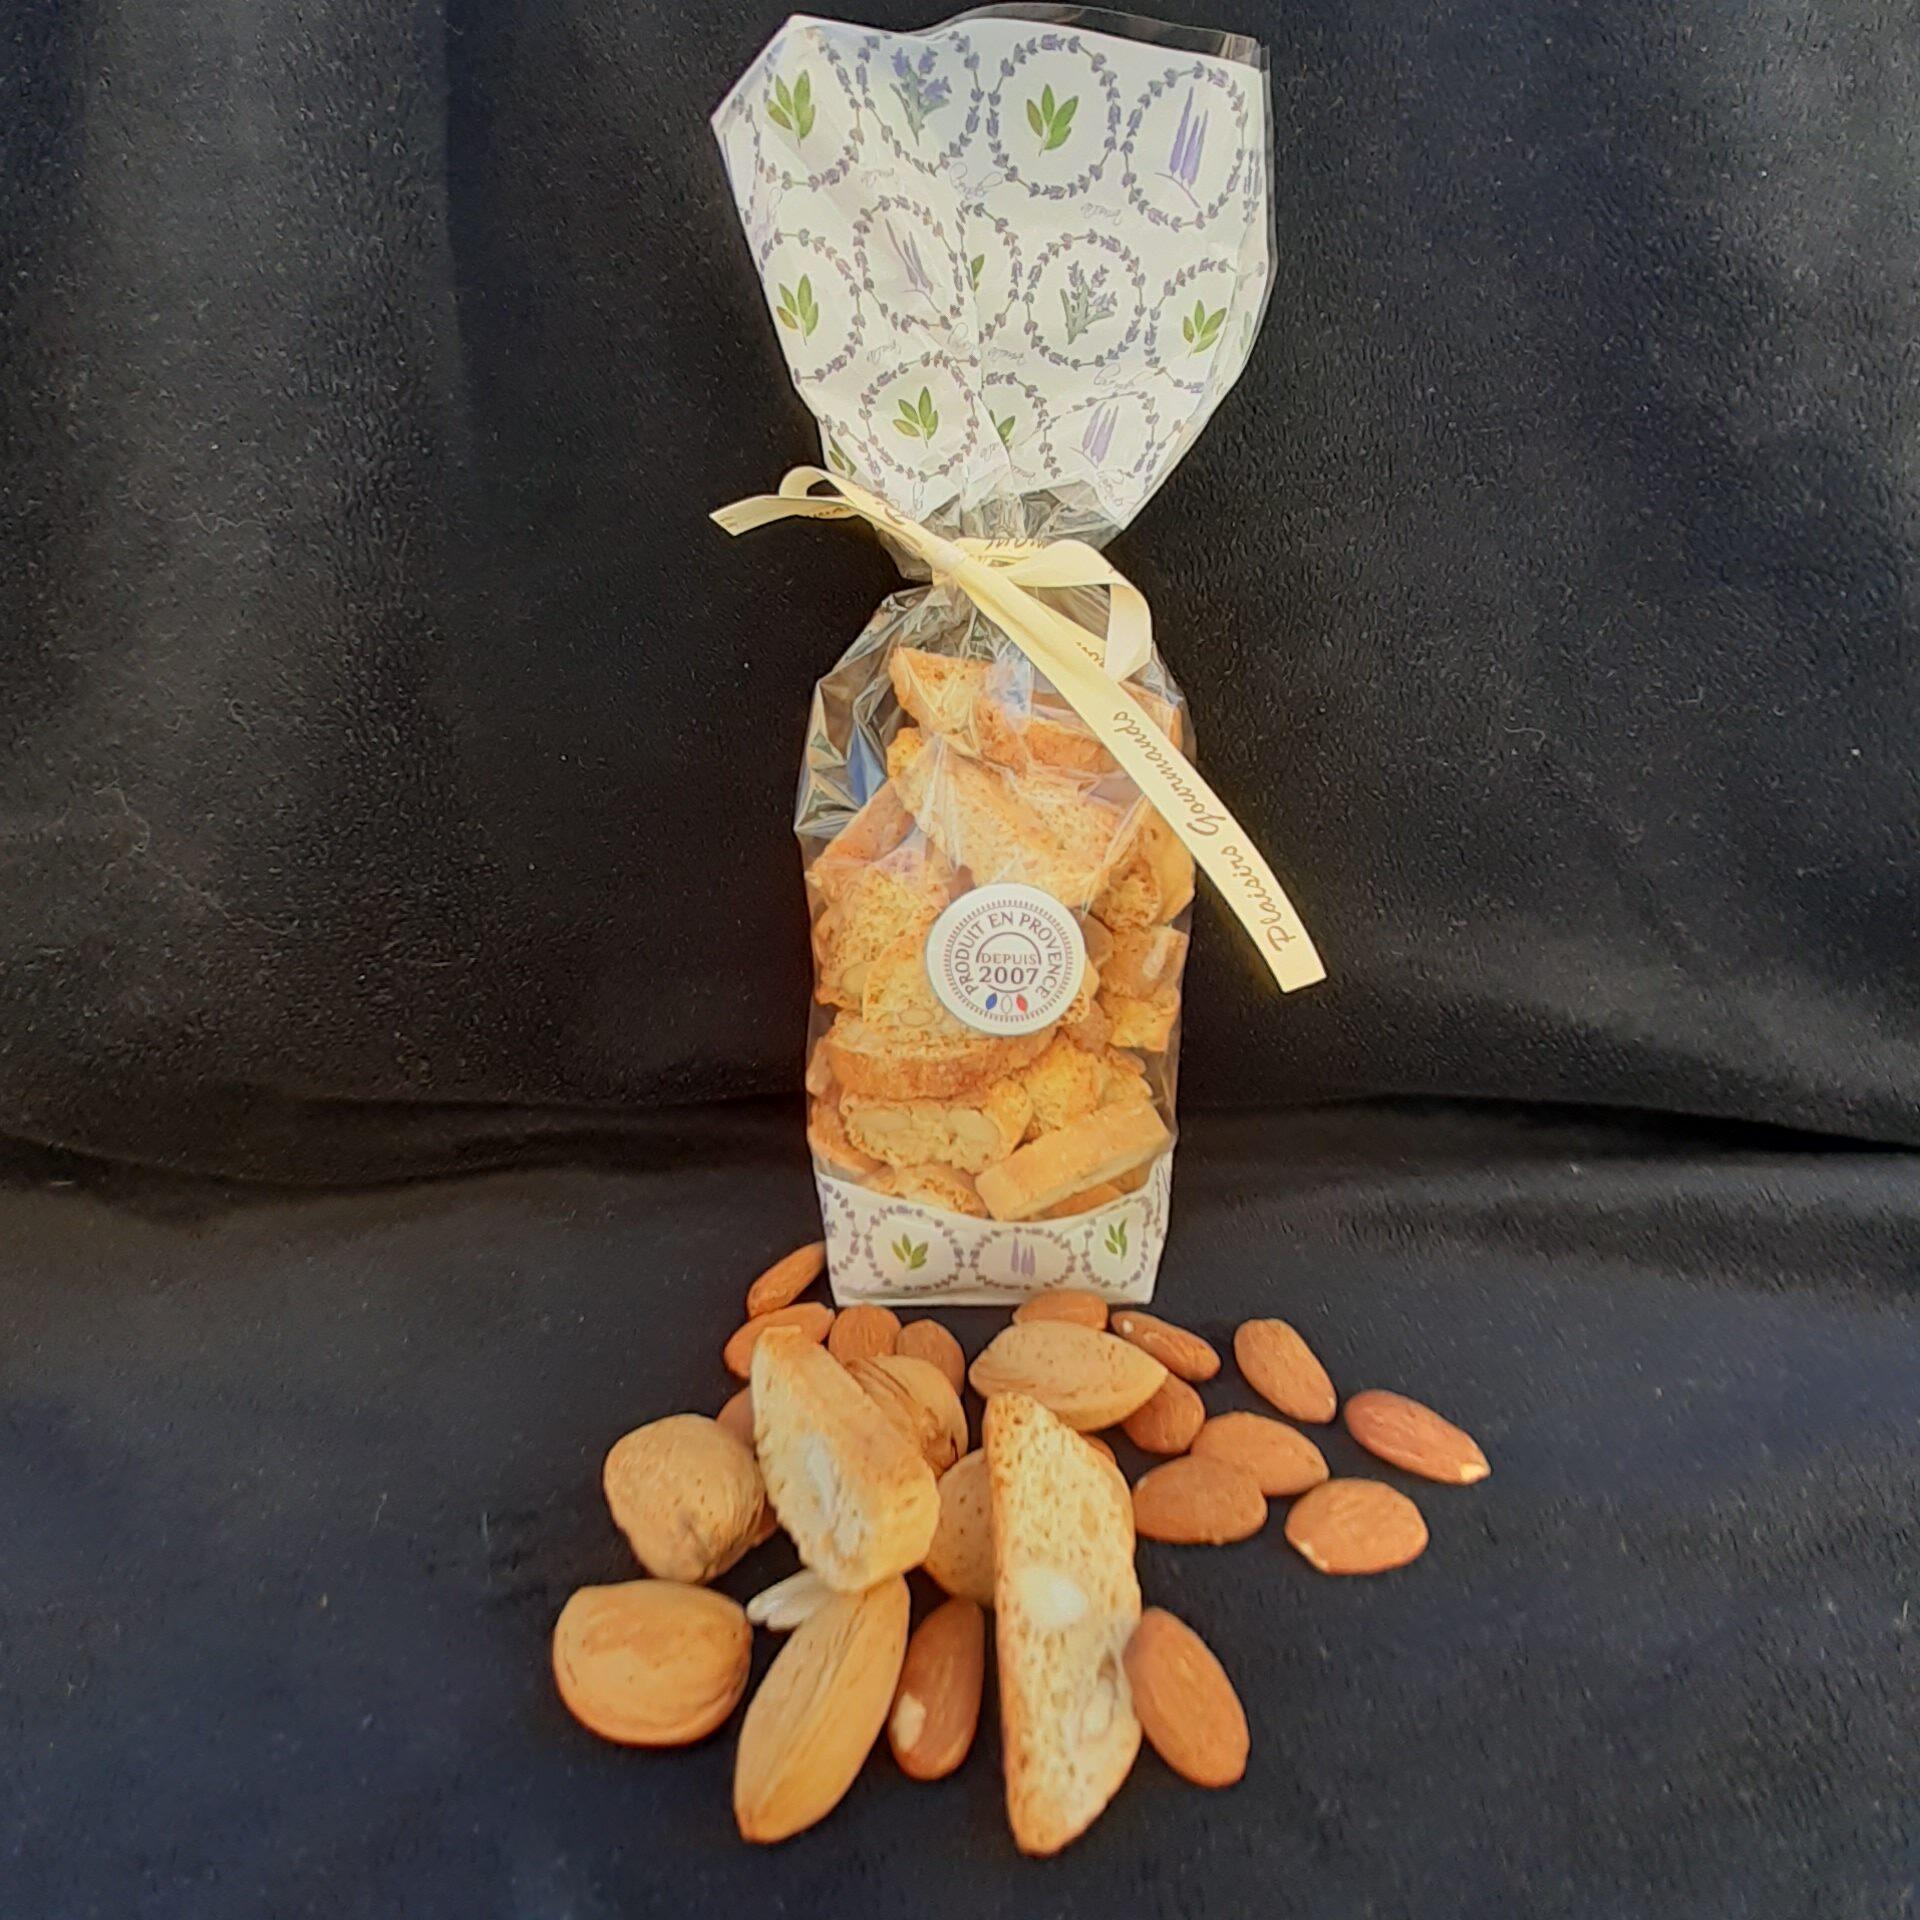 Croquants aux amandes à Avignon et Caumont sur Durance - Laurmar - Au bon goût d'amandes torréfiées au savoir-faire artisanal.